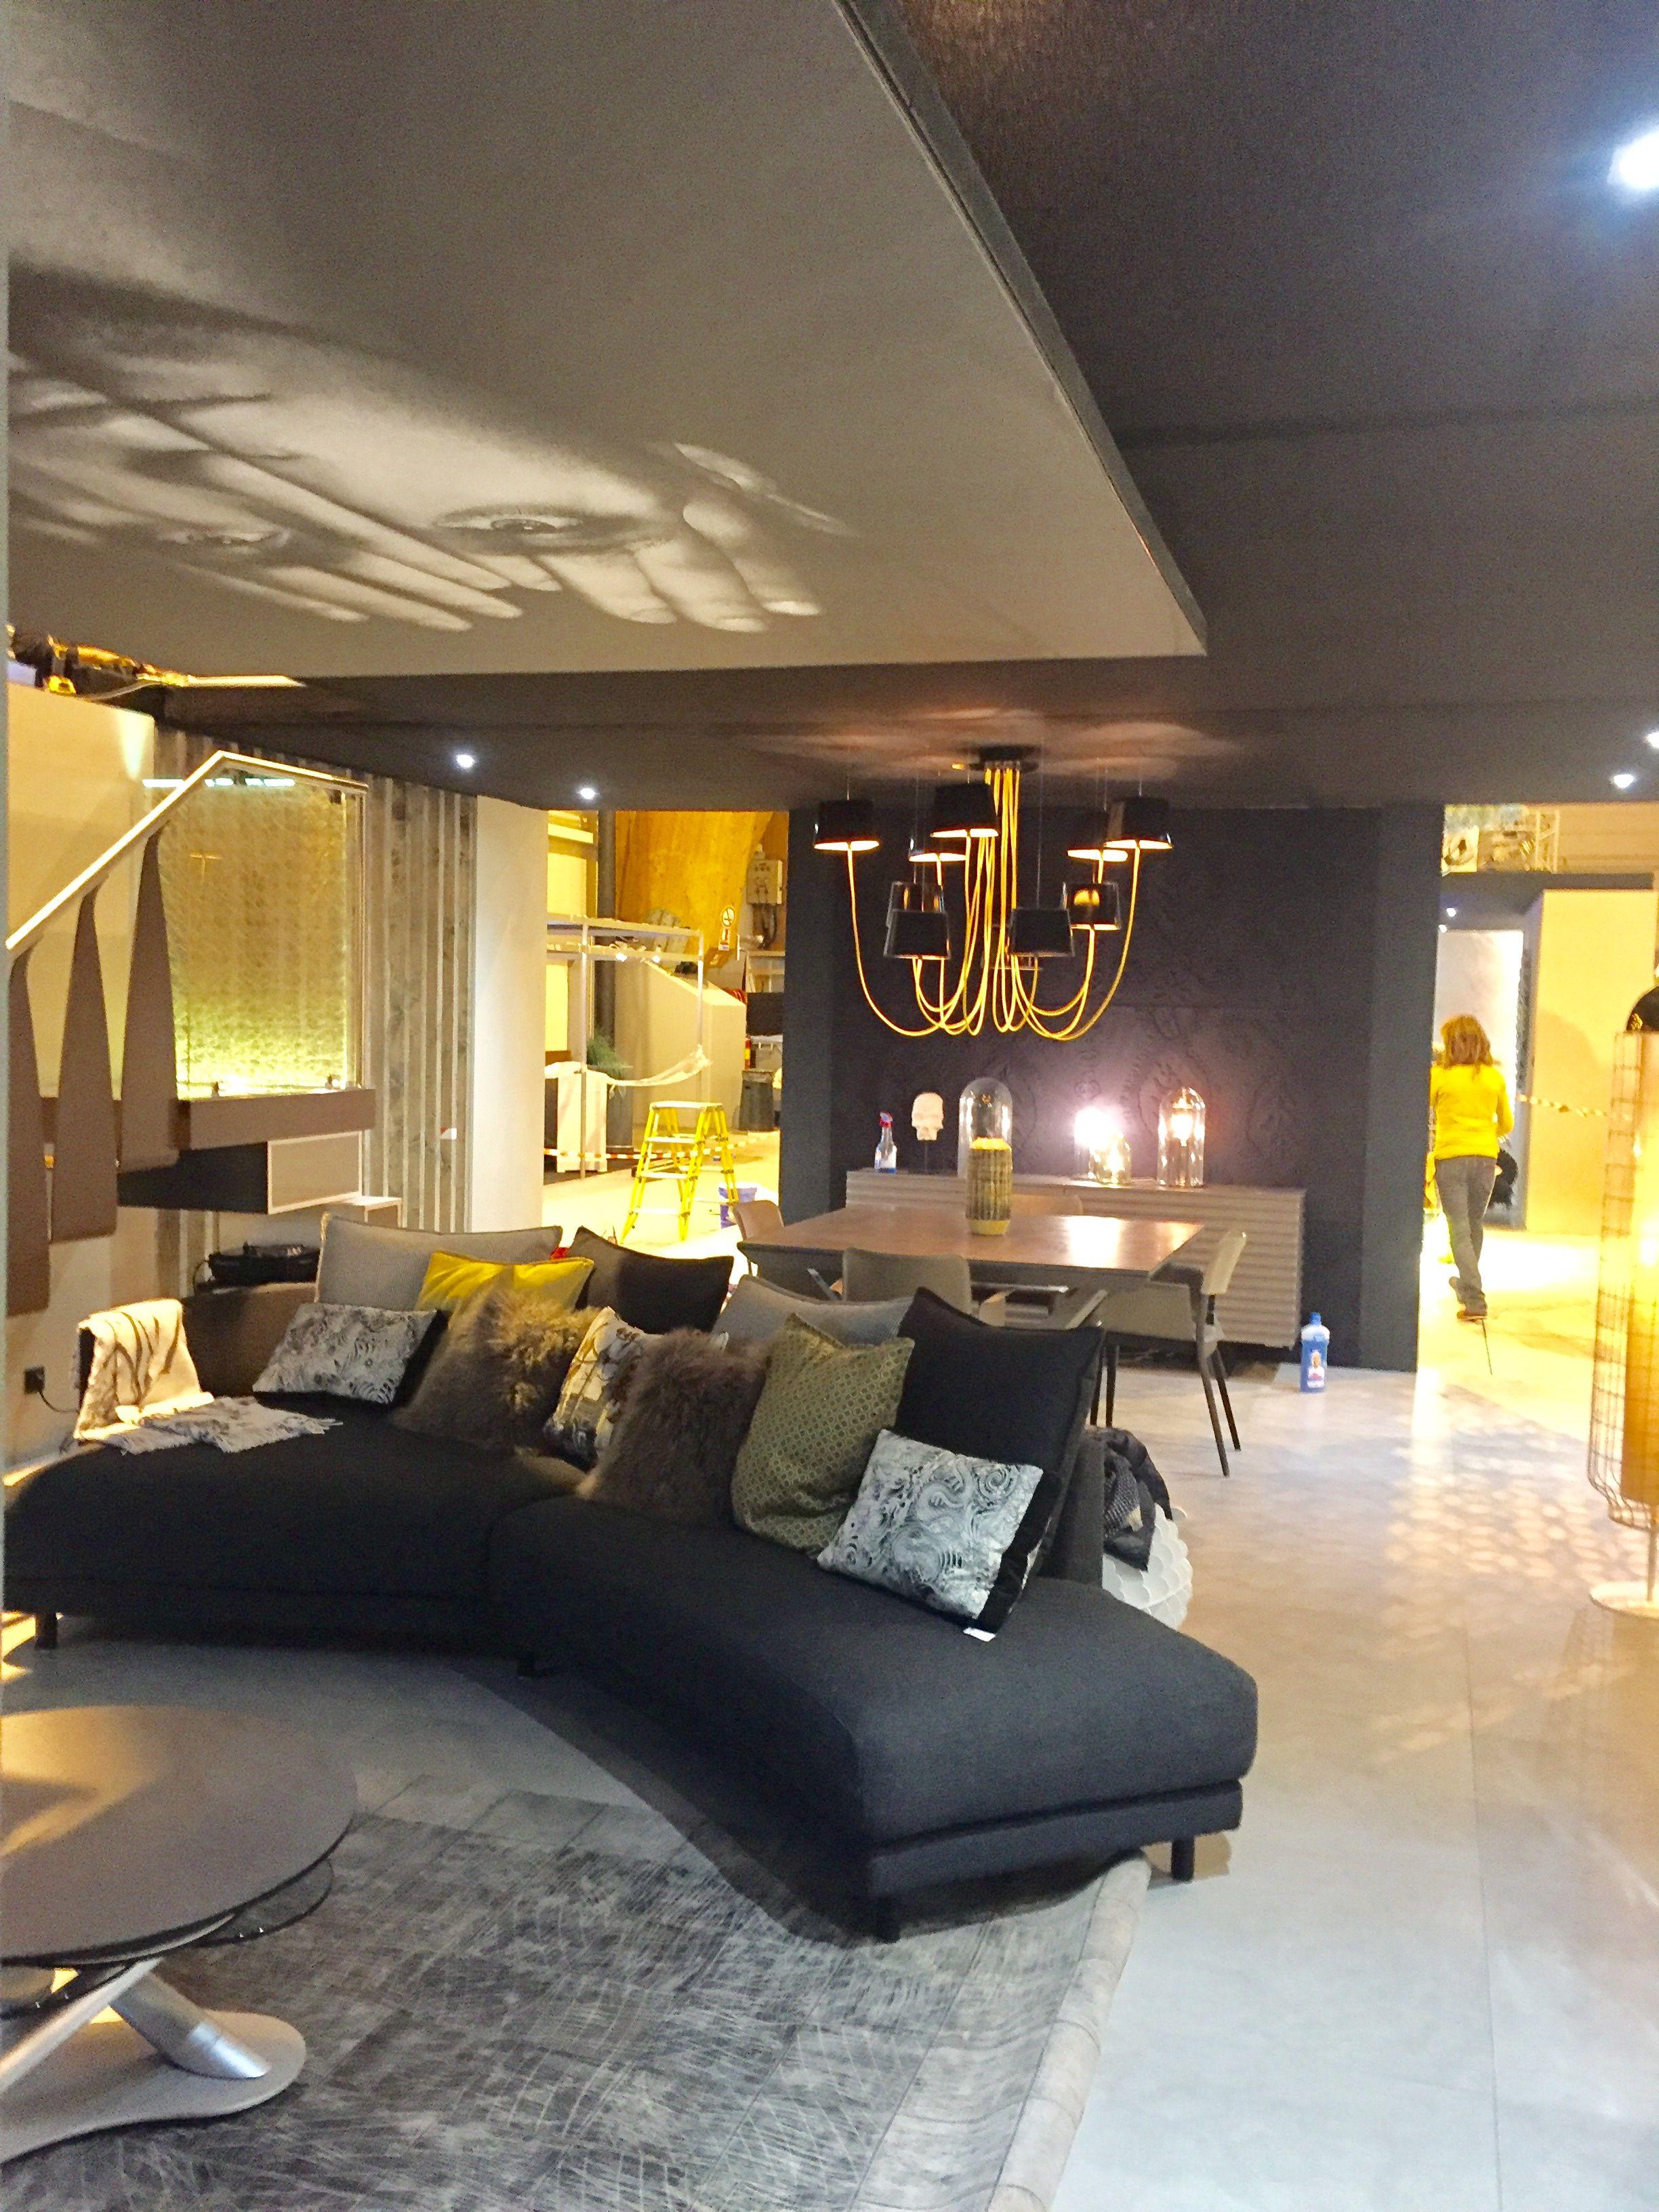 Vue Sejour Faux Plafond Salle A Manger Lustre Design Salle A Manger Deco Maison Plafond